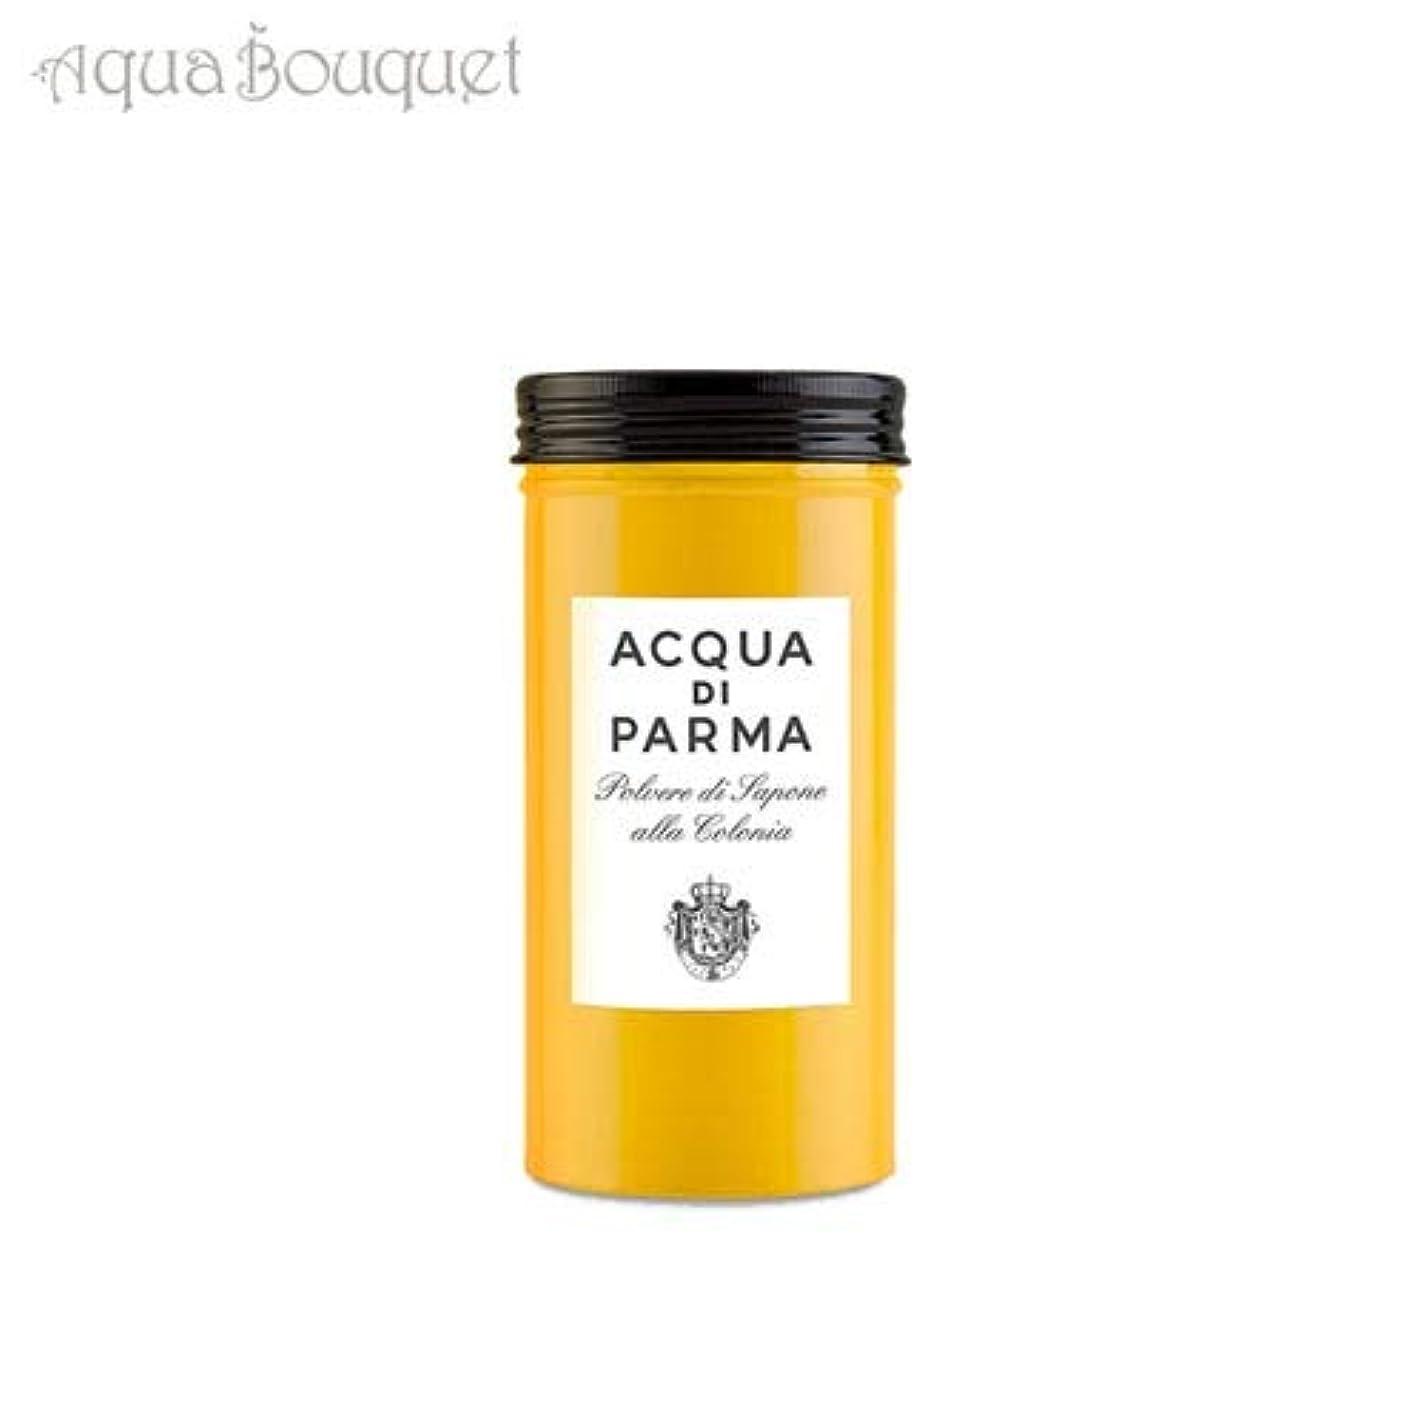 誠実さ焦げクリップ蝶アクア ディ パルマ コロニア パウダーソープ 70g ACQUA DI PARMA COLONIA POWDER SOAP [0422] [並行輸入品]